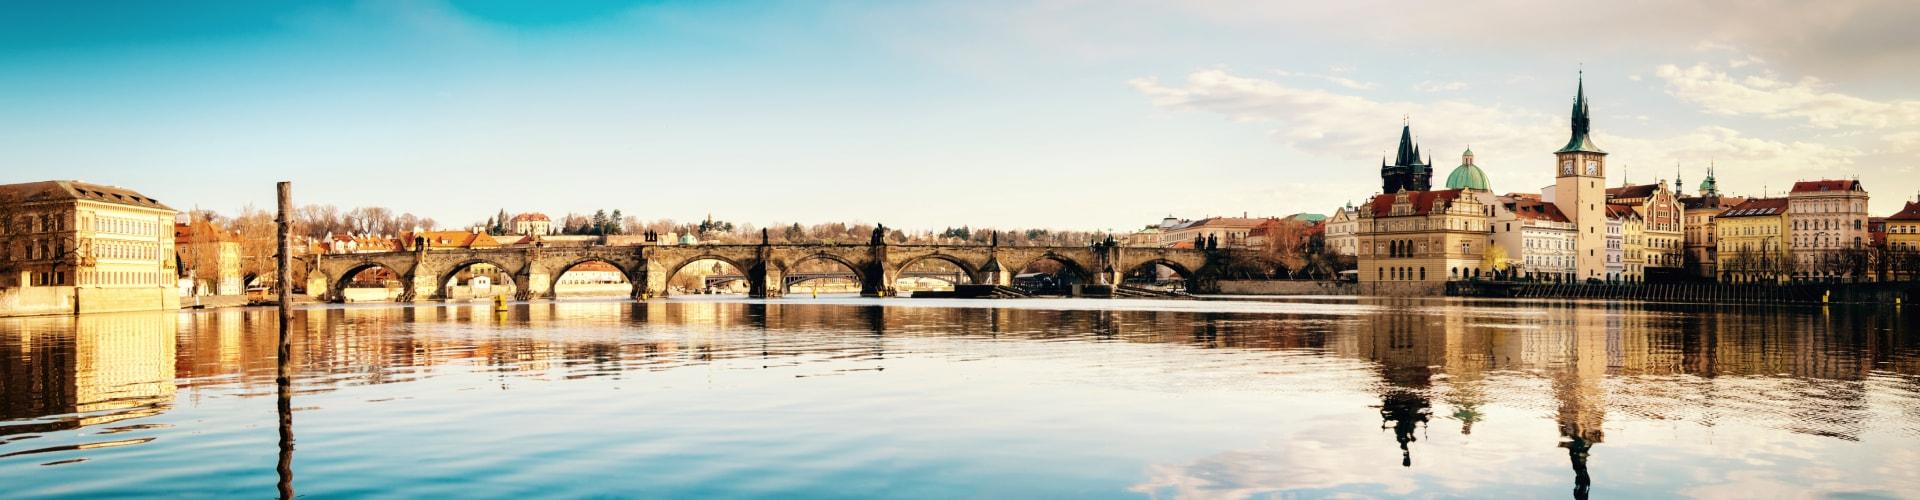 Полугодовой курс чешского + английского языка в Праге